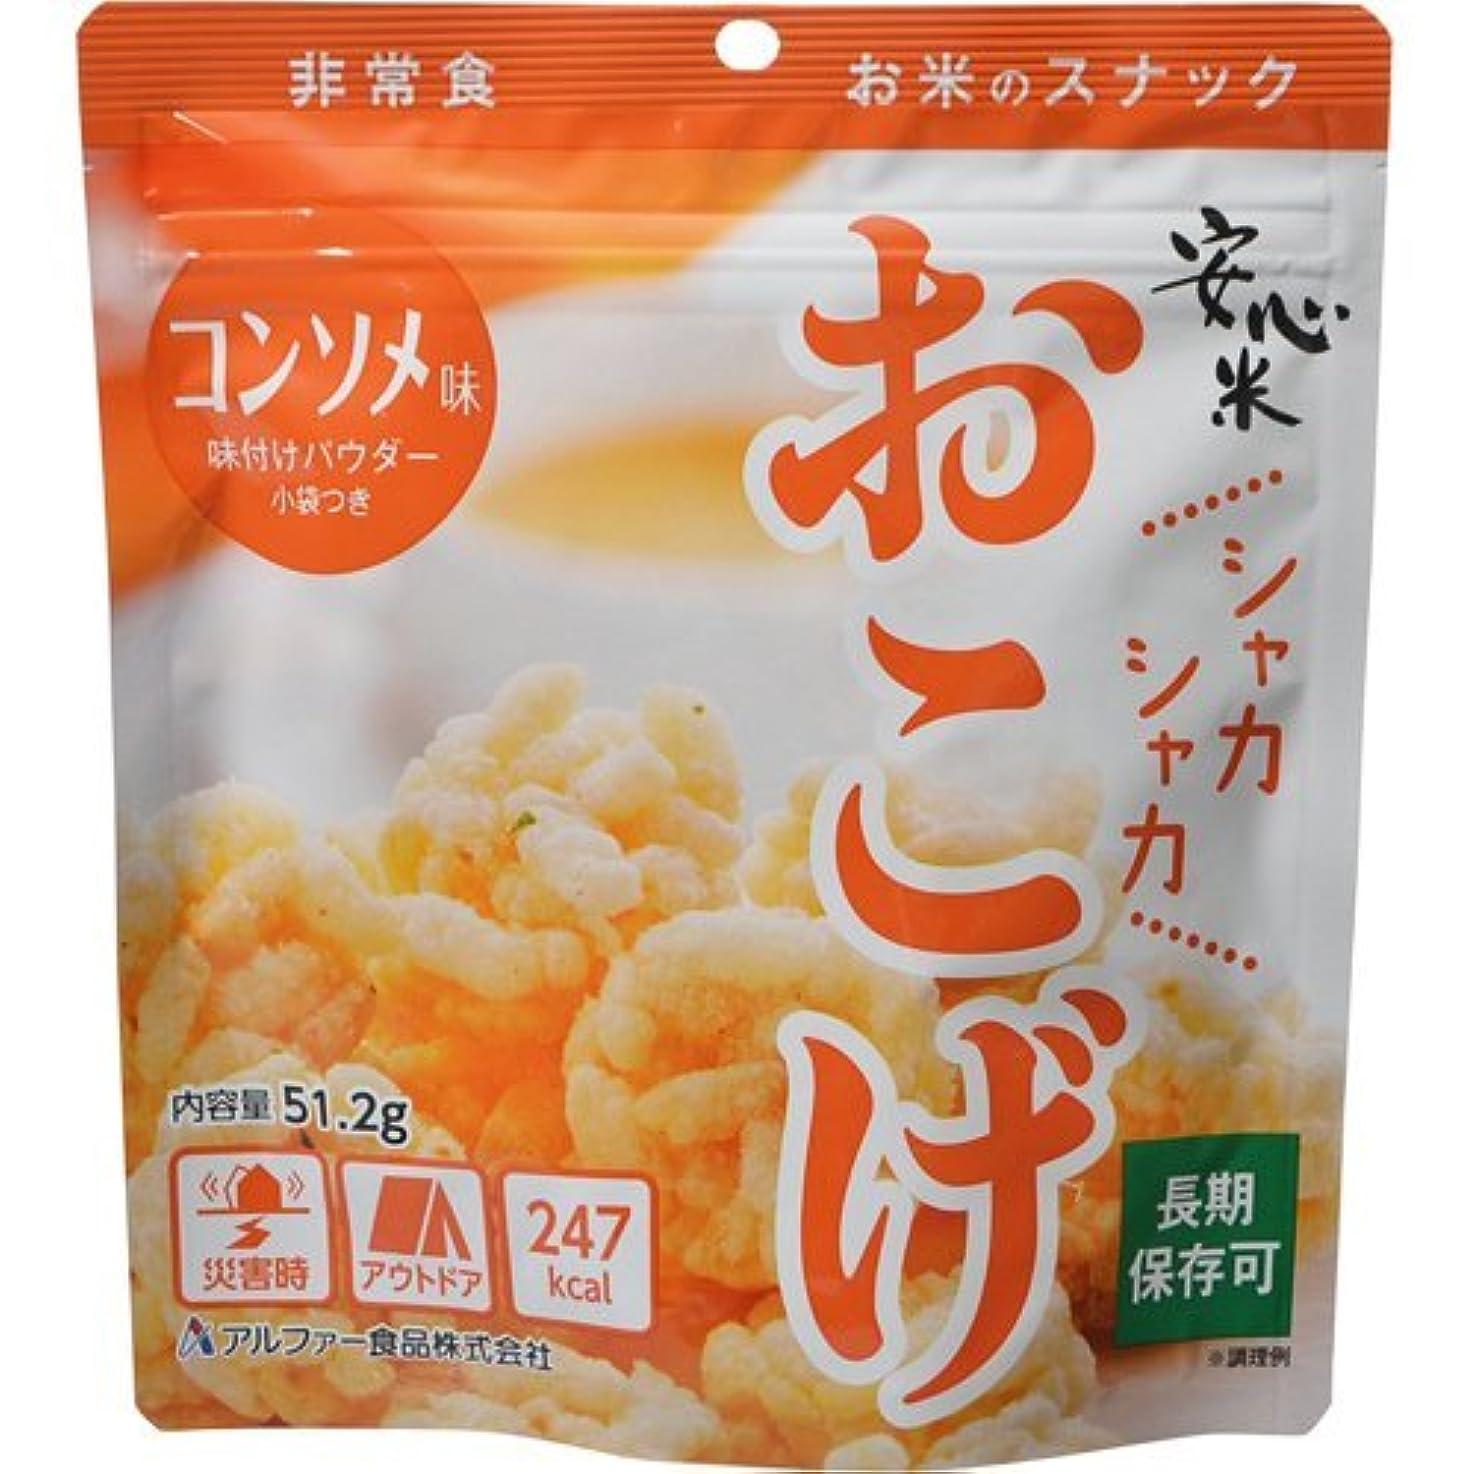 コマンドとても技術安心米 おこげ コンソメ味